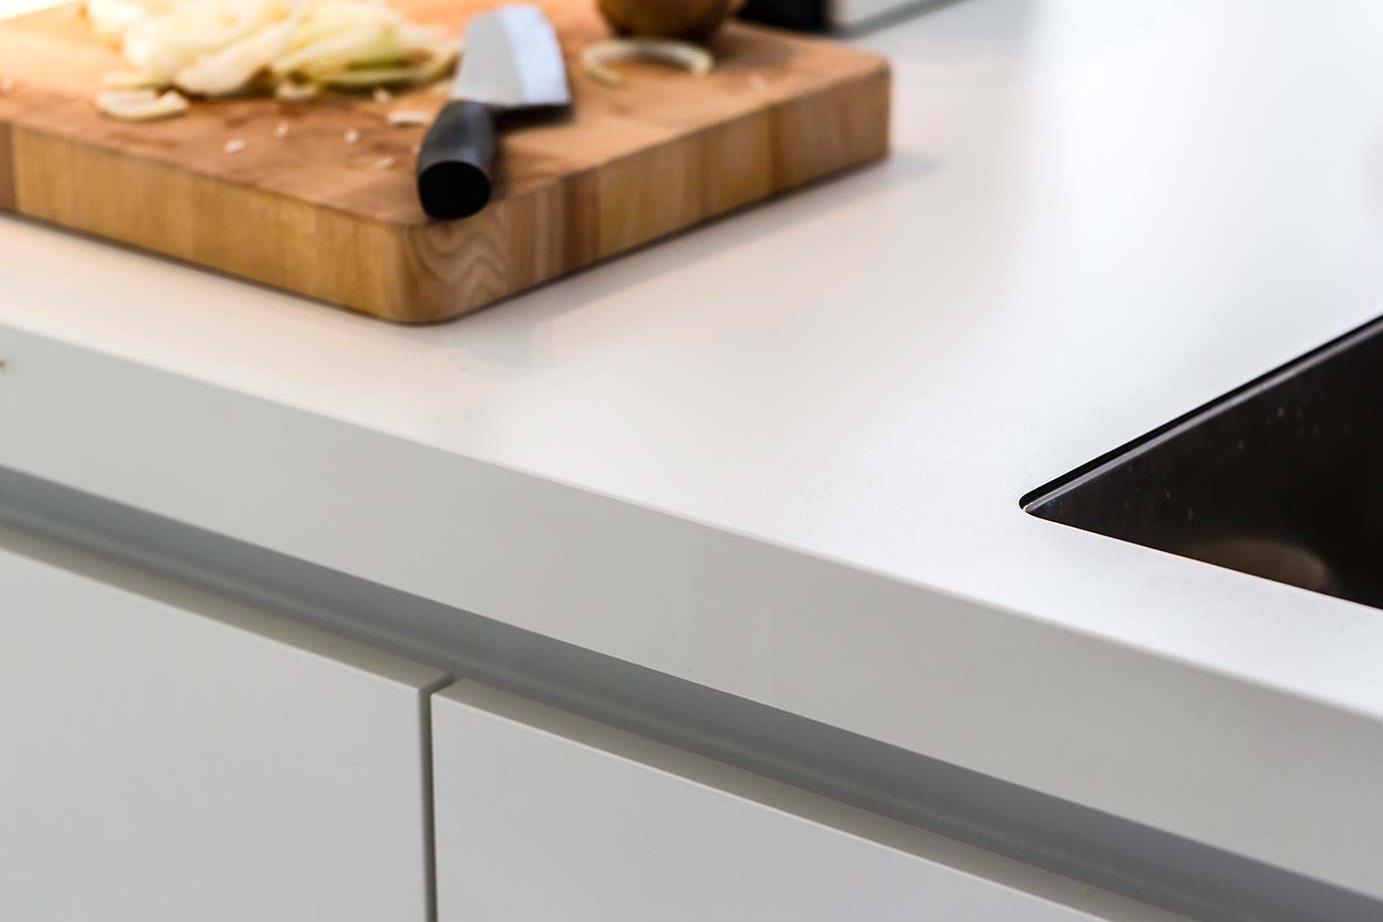 Keuken handgrepen zwart keuken handgrepen mm nieuwe artikelen interieurbeslag get cheap keuken - Keuken modellen ...